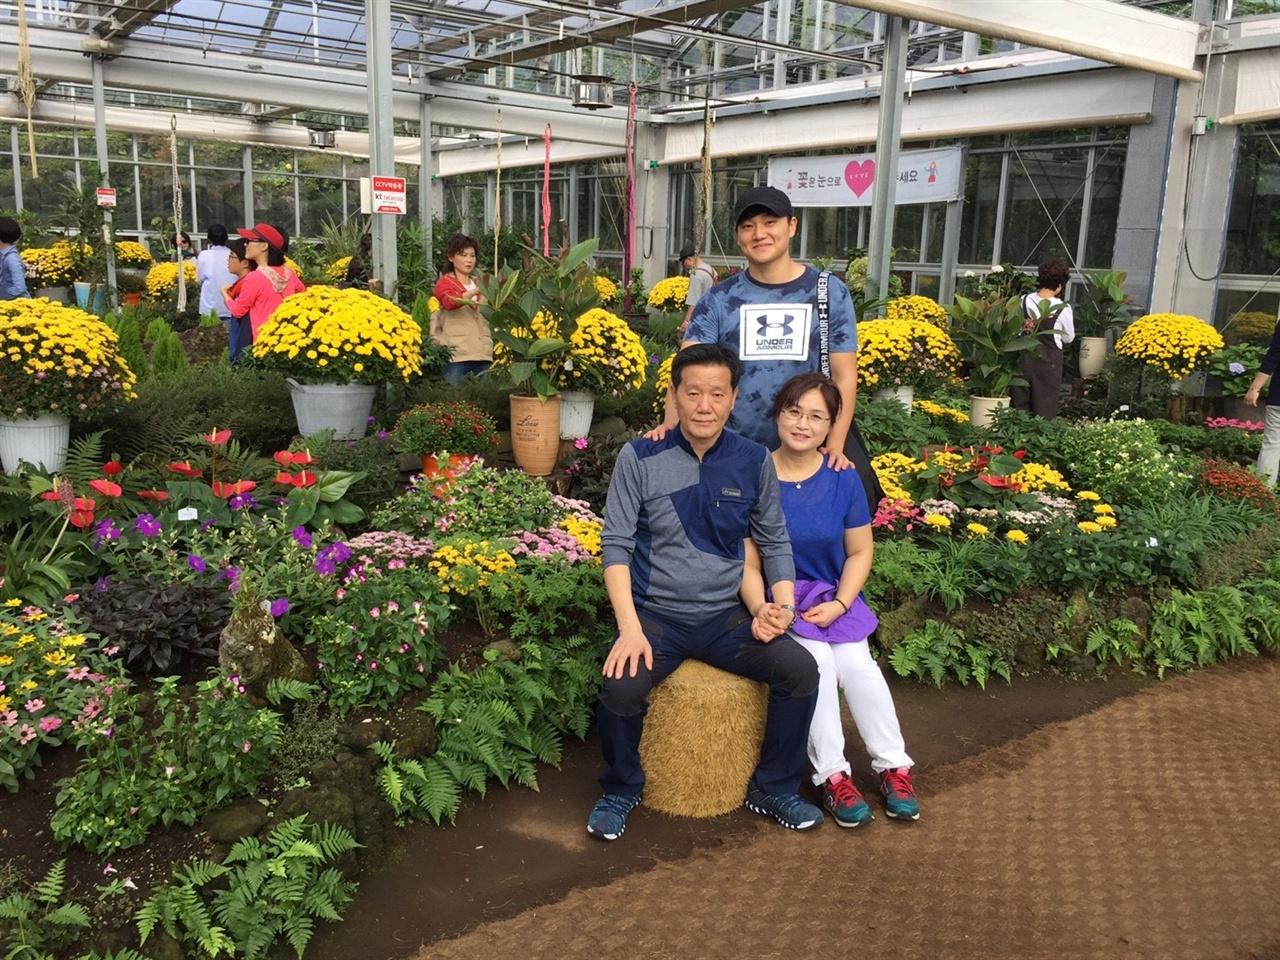 2015년 제주도 가족여행 중 여미지식물원에서  오랜만에 가족과 함께 떠난 제주도 여행중 여미지식물원에서 찍은 사진.